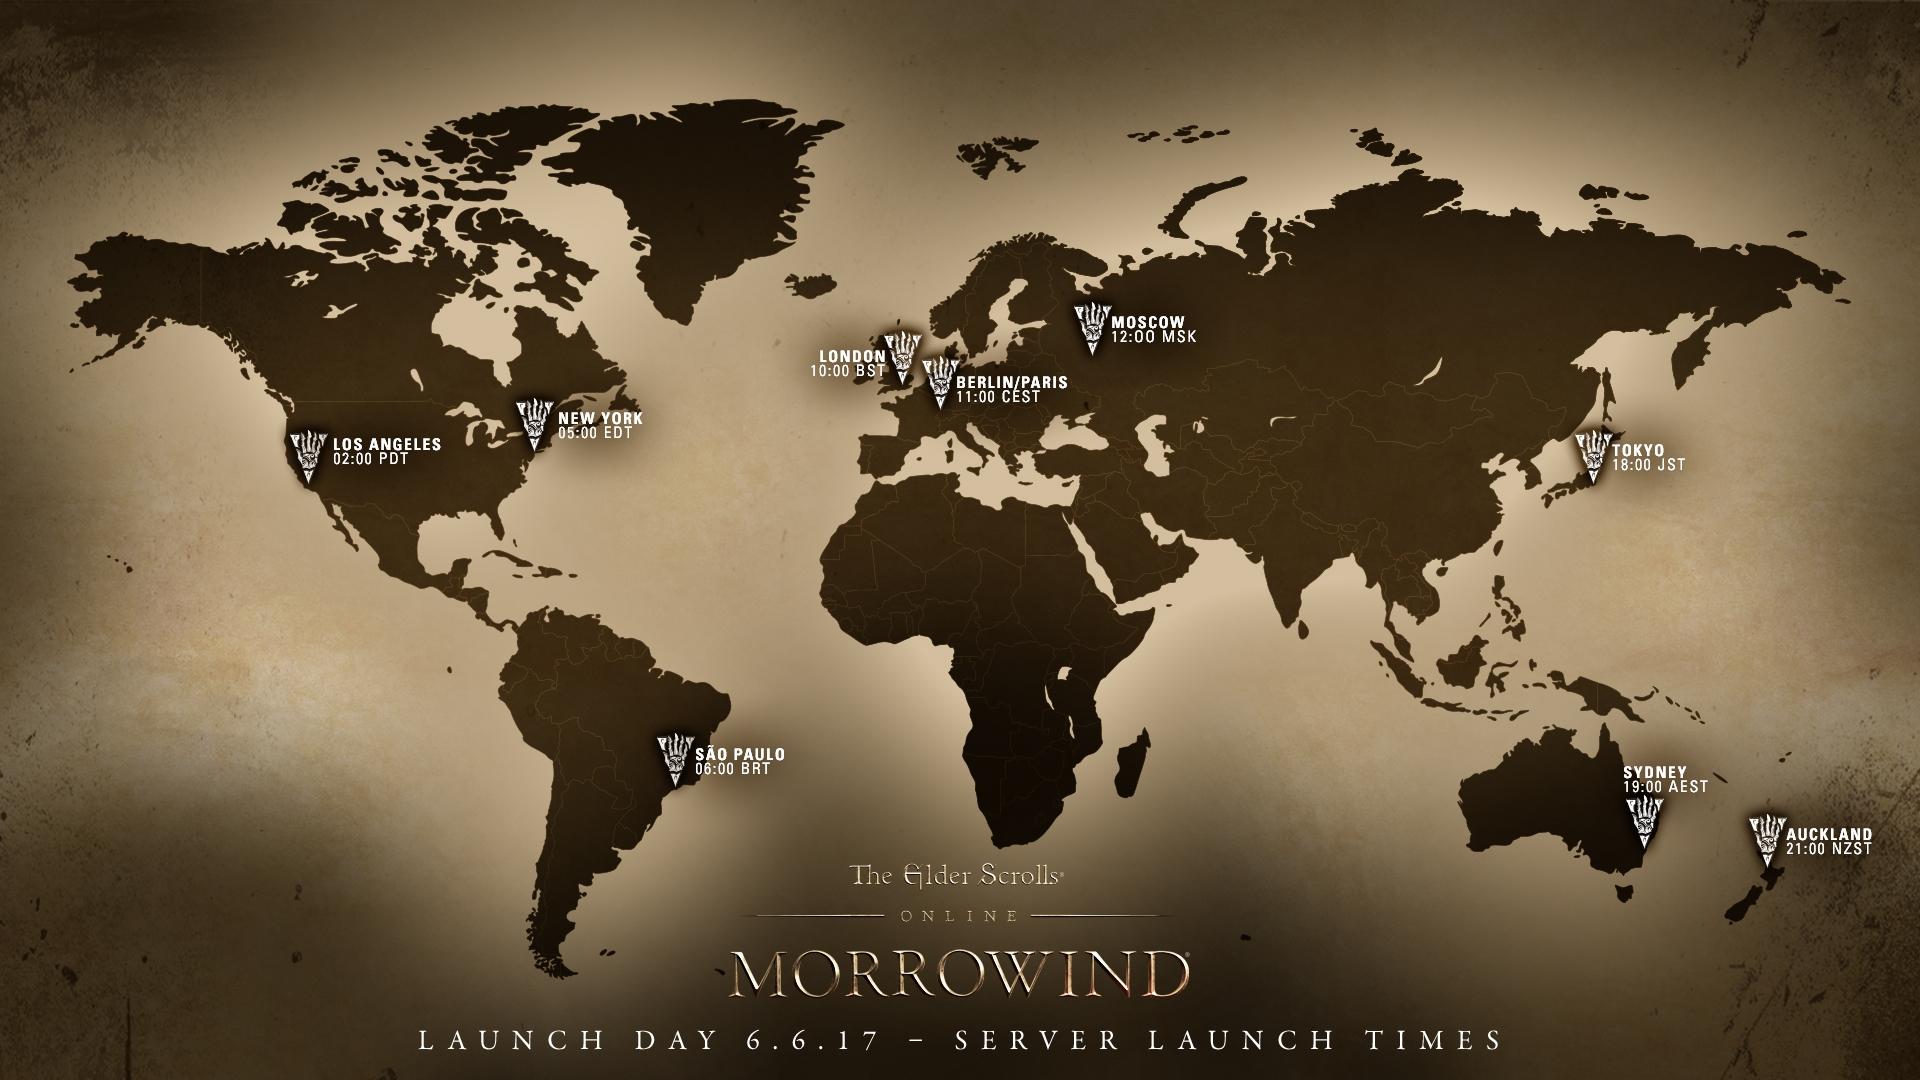 Morrowind Launch